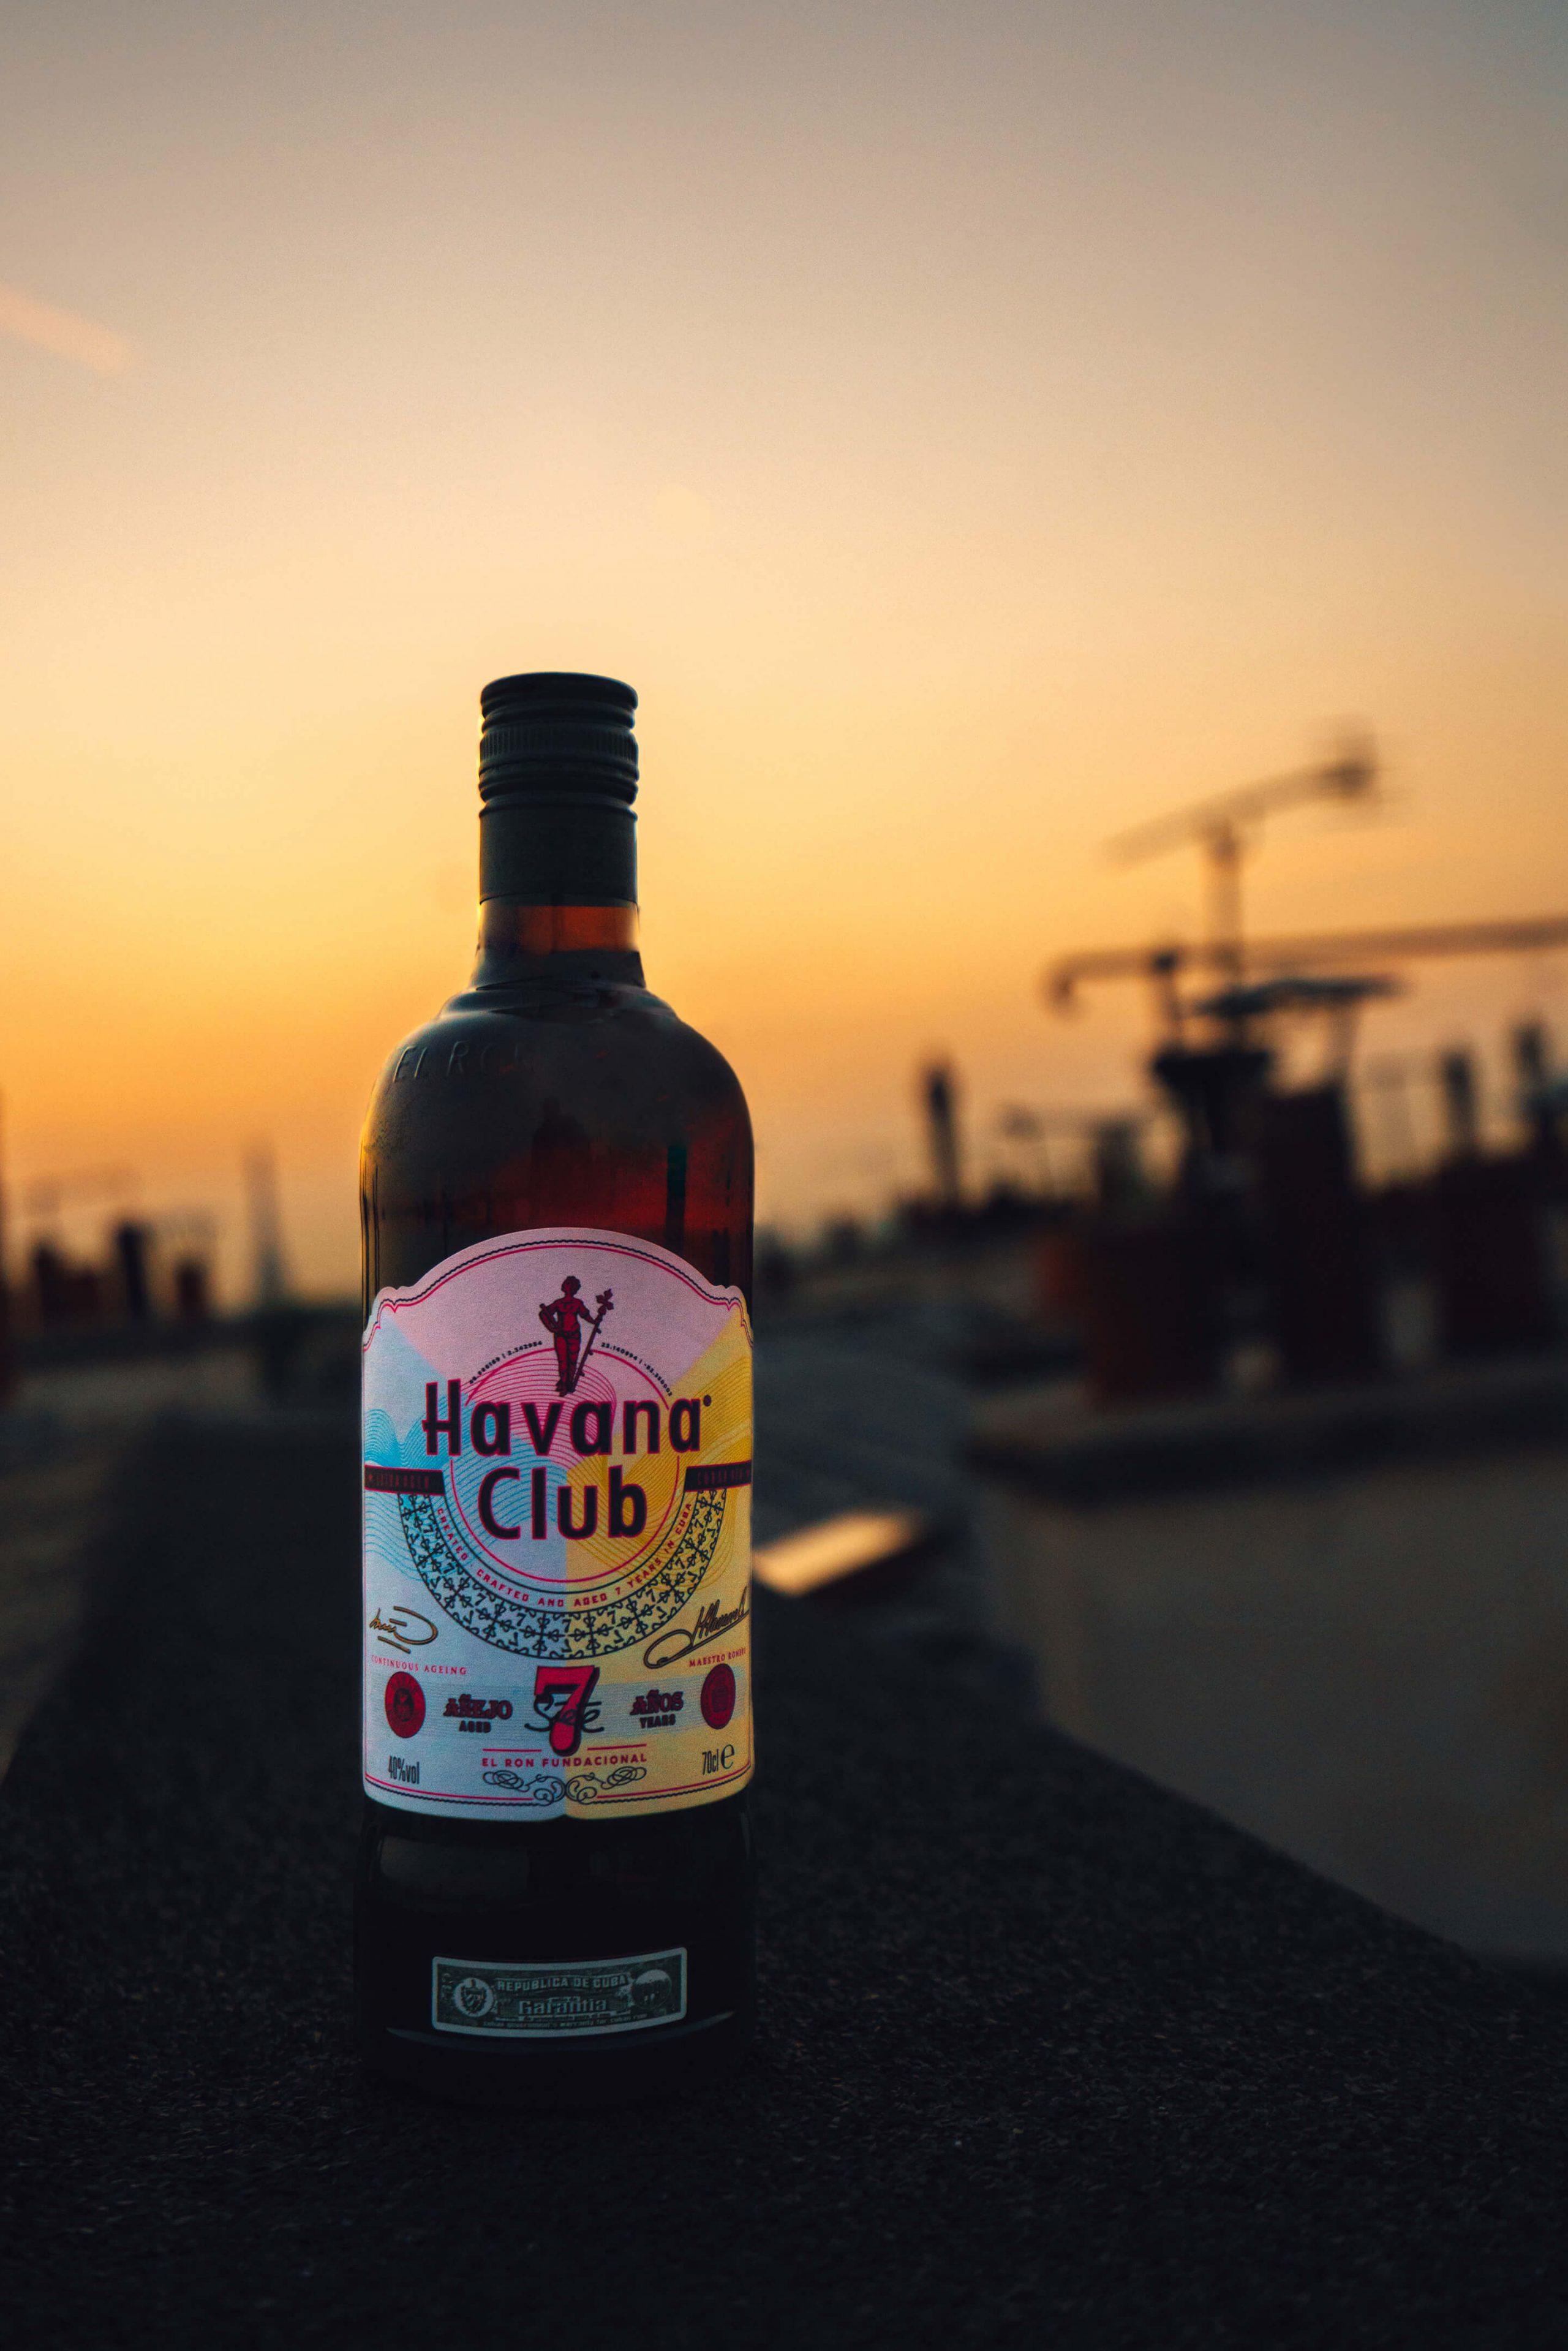 SOPICO x HAVANA CLUB